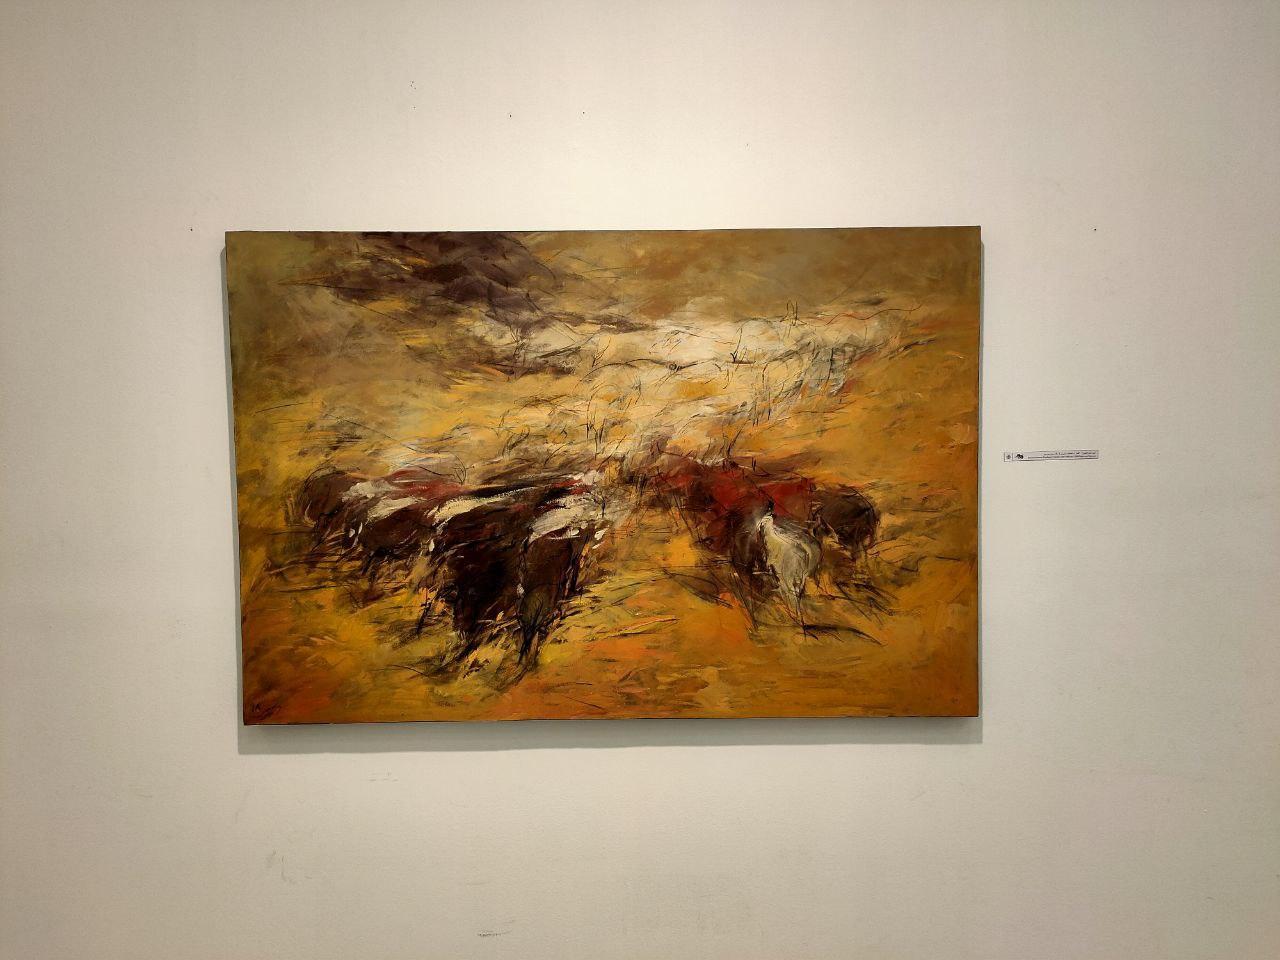 چهارمین نمایشگاه هنرهای تجسمی «ورسوس» شروع به کار کرد/ فروش آثار نسل جوان